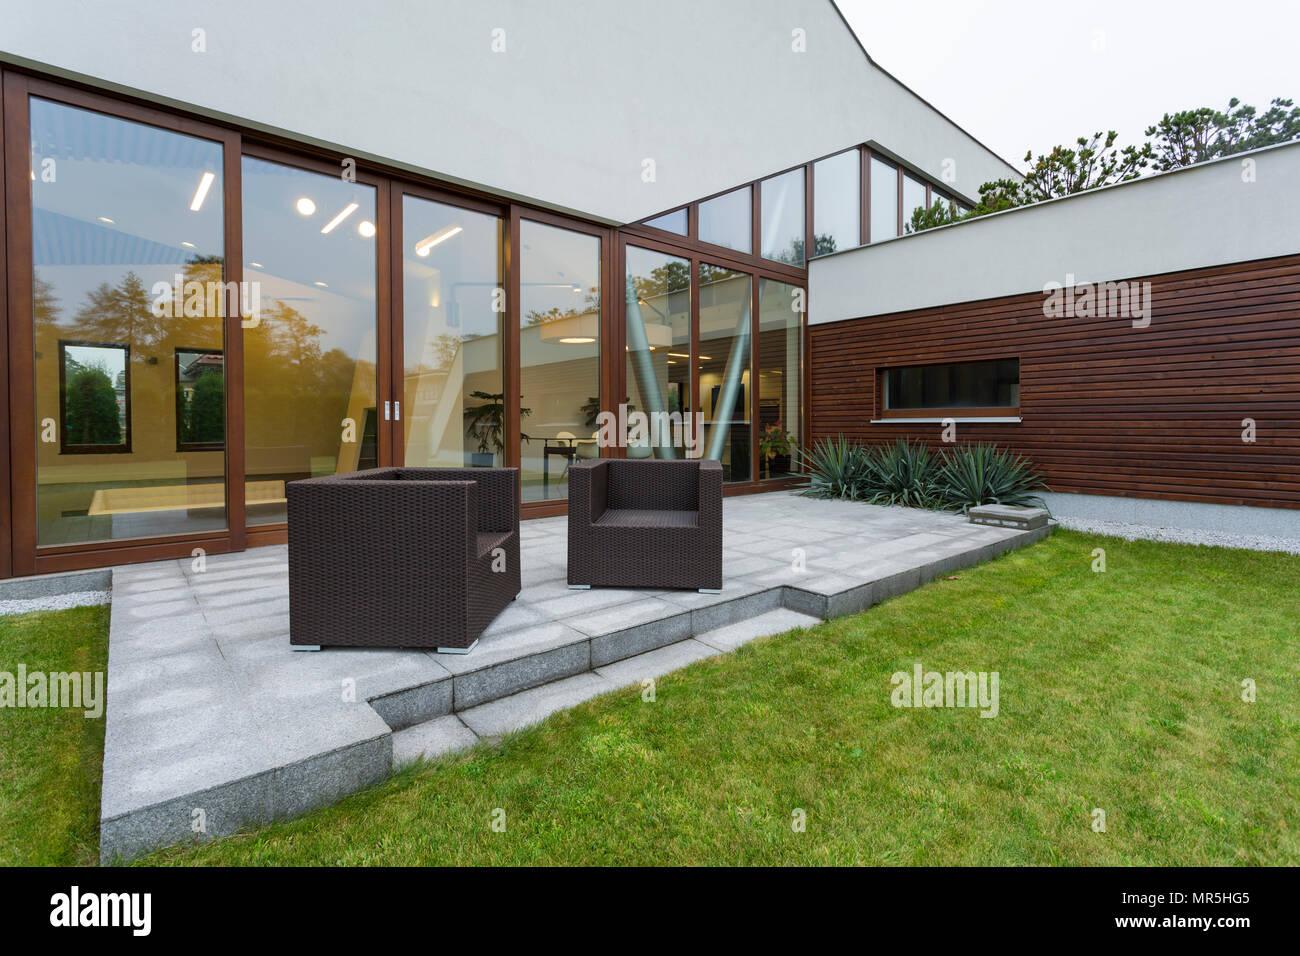 Maison Moderne Avec Patio Extérieur, Mobilier En Rotin Et Mur Fenêtre